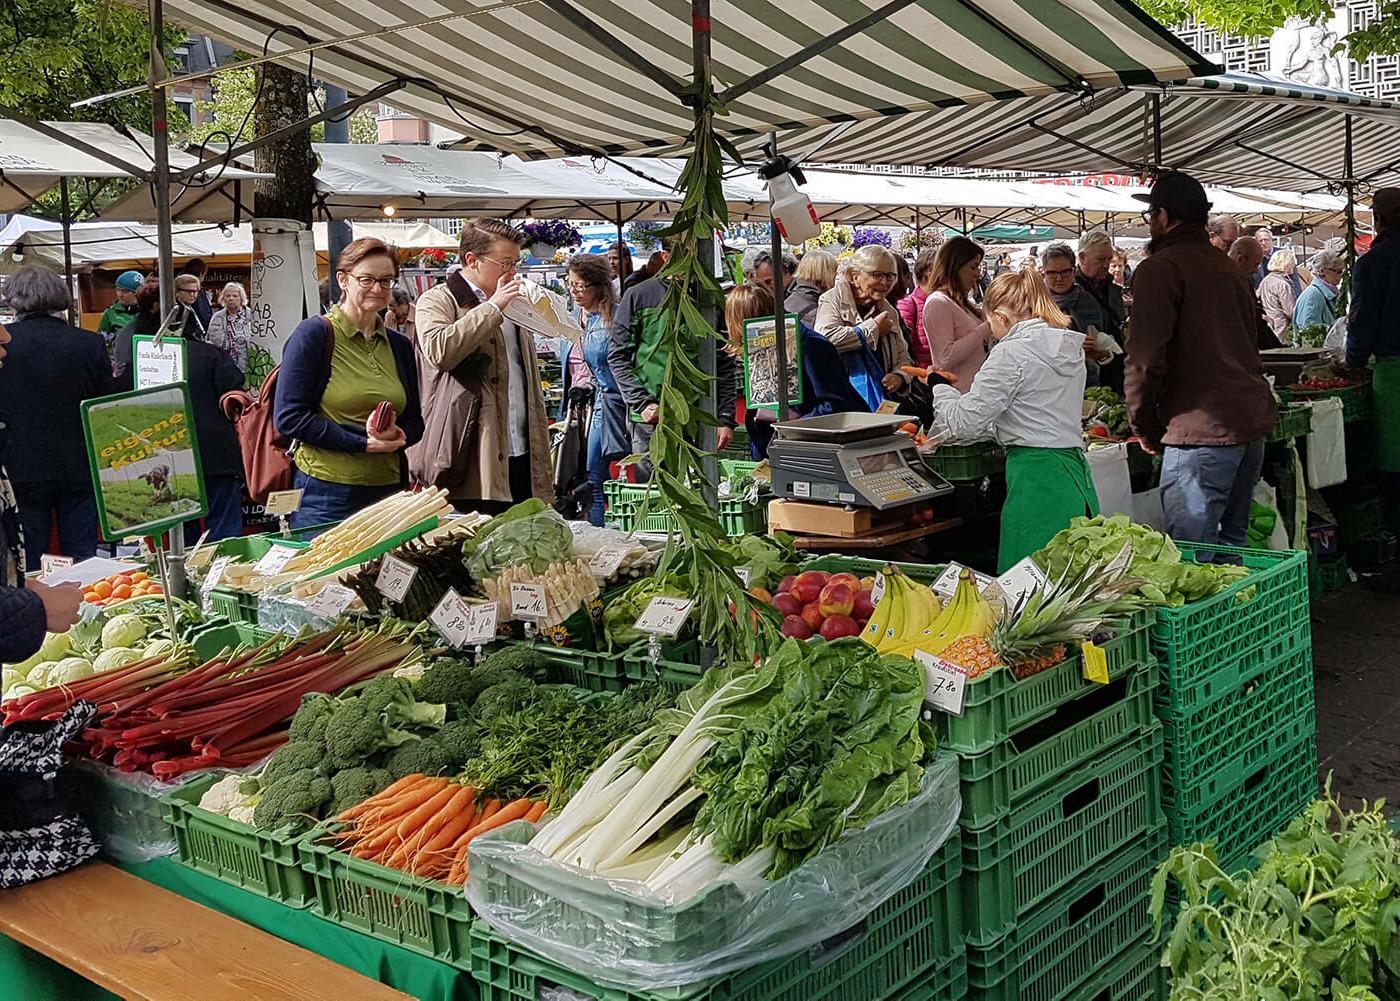 Auf dem Markt in Oerlikon ist immer was los!